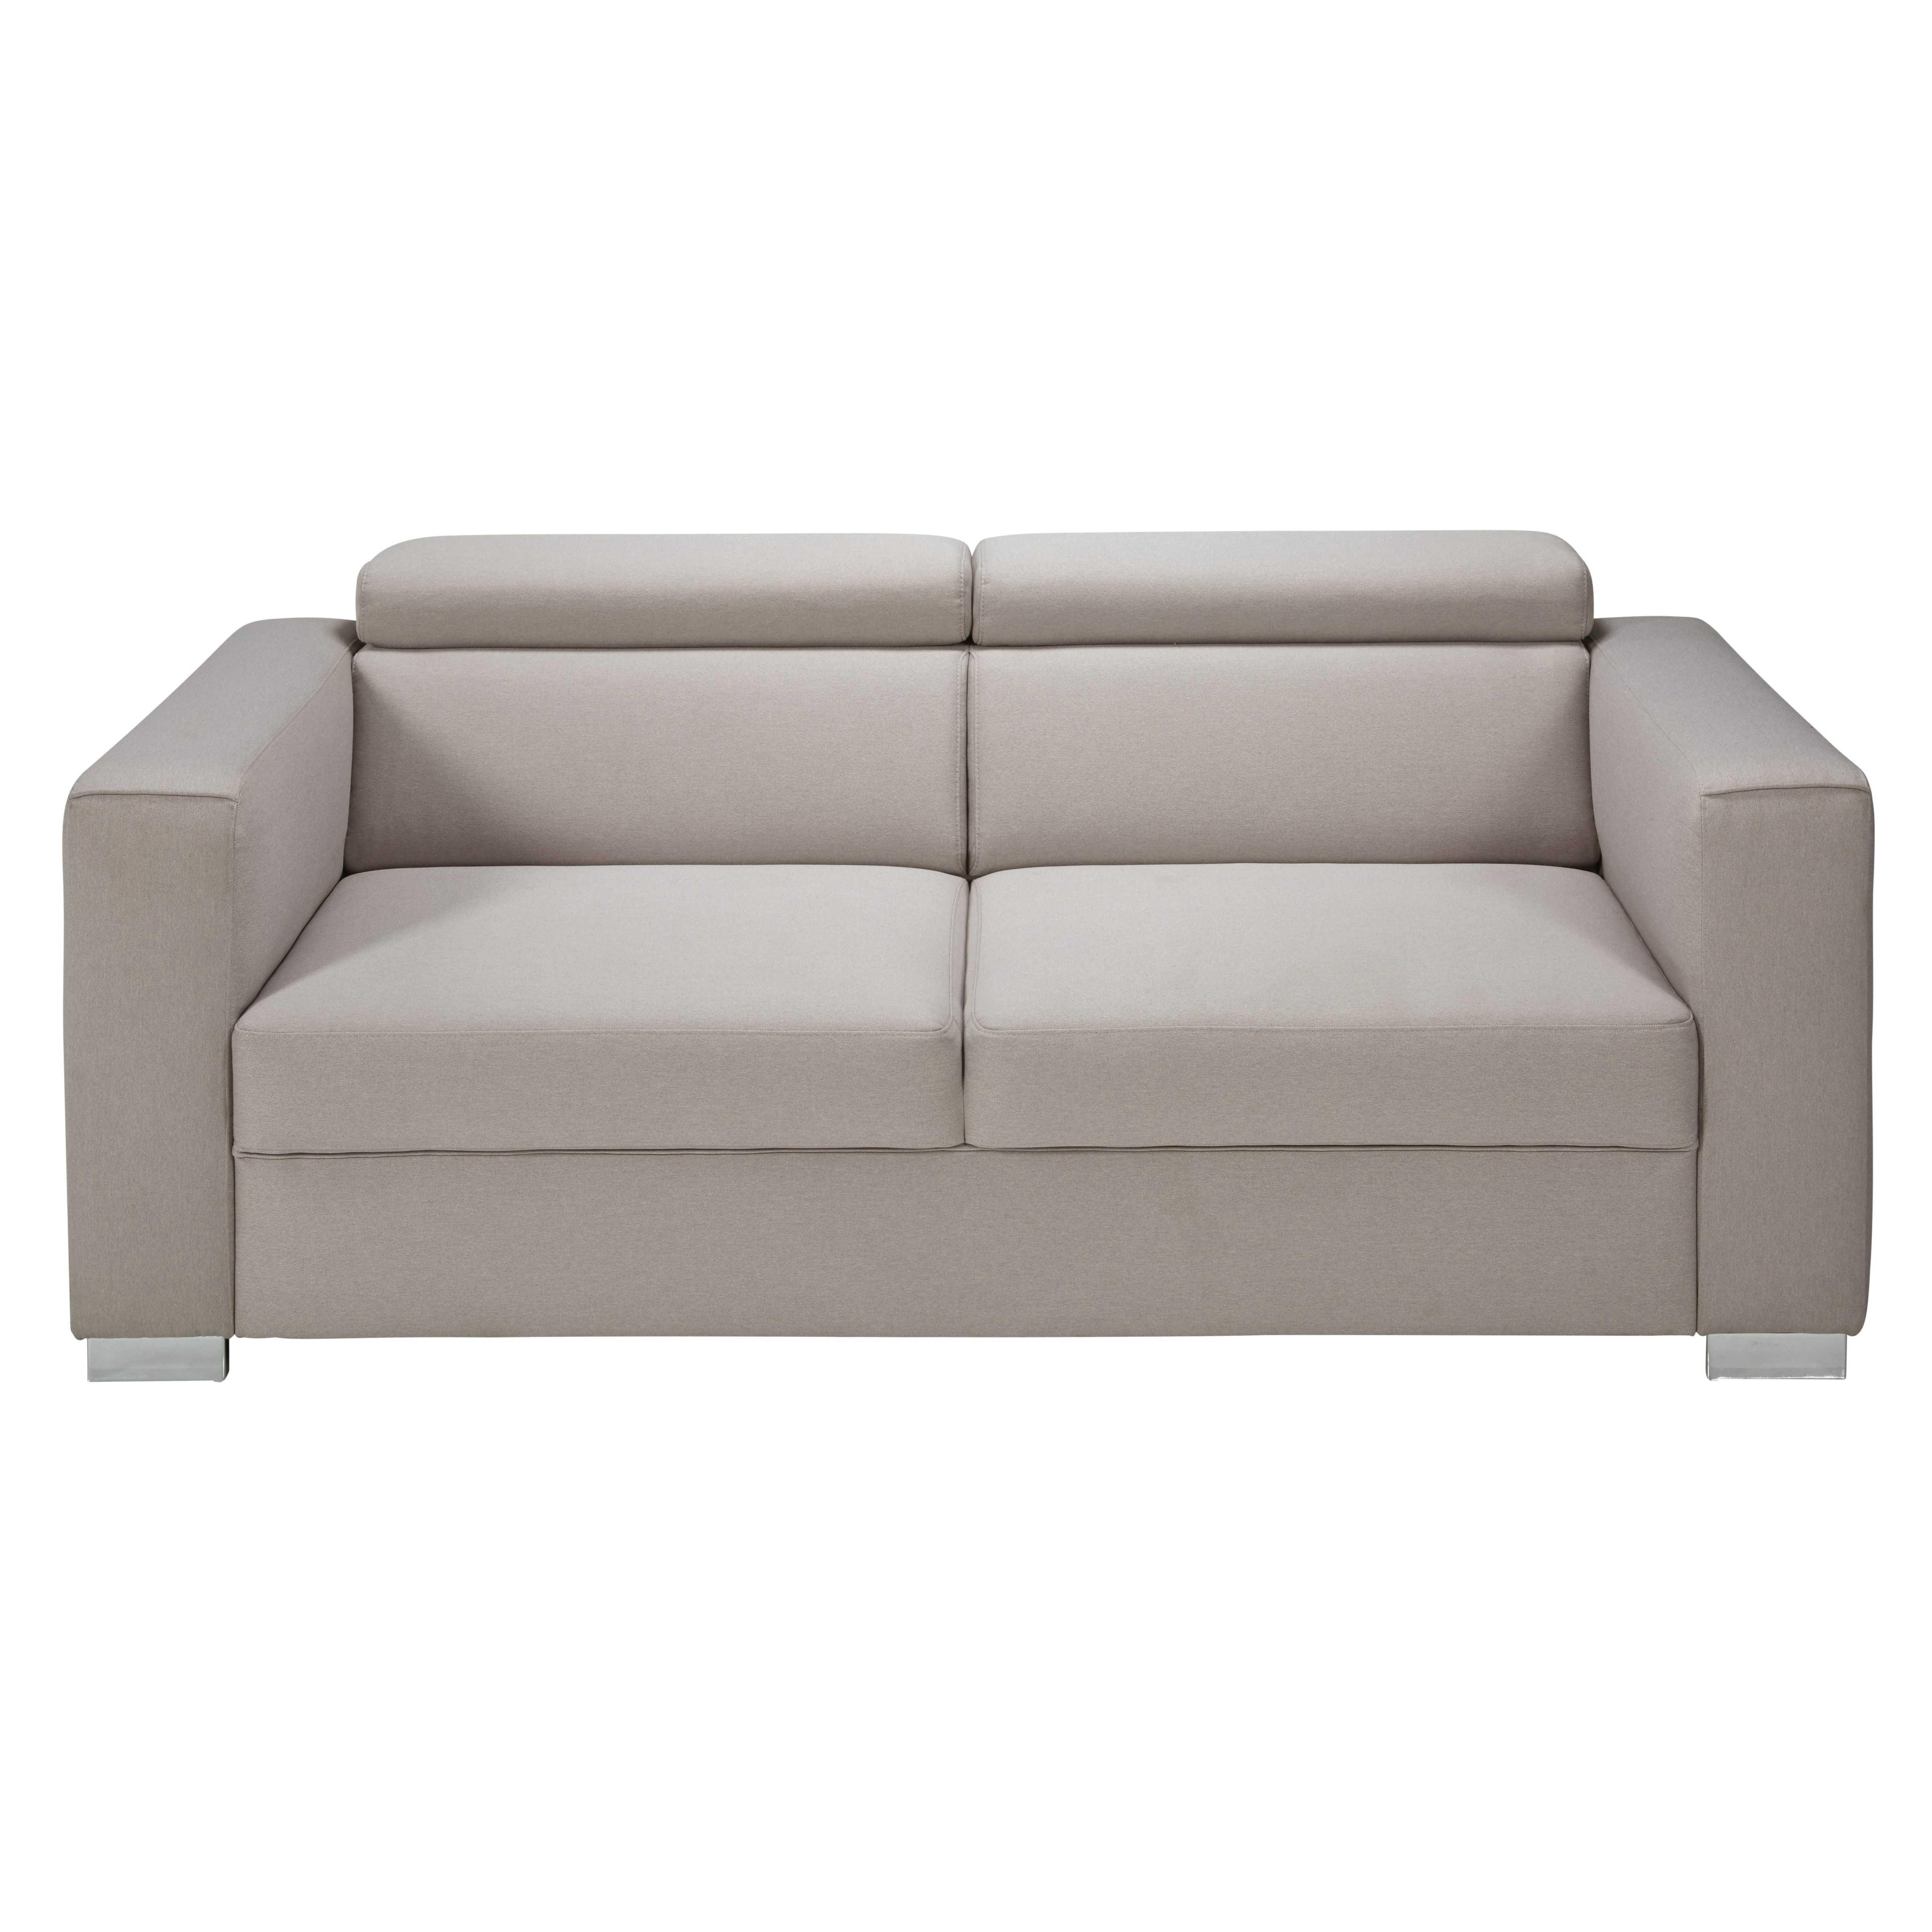 Brilliant Sofa Kopfstütze Galerie Von 3-sitzer-sofa Mit Kopfstützen Und Graubeigem Stoffbezug Jazz